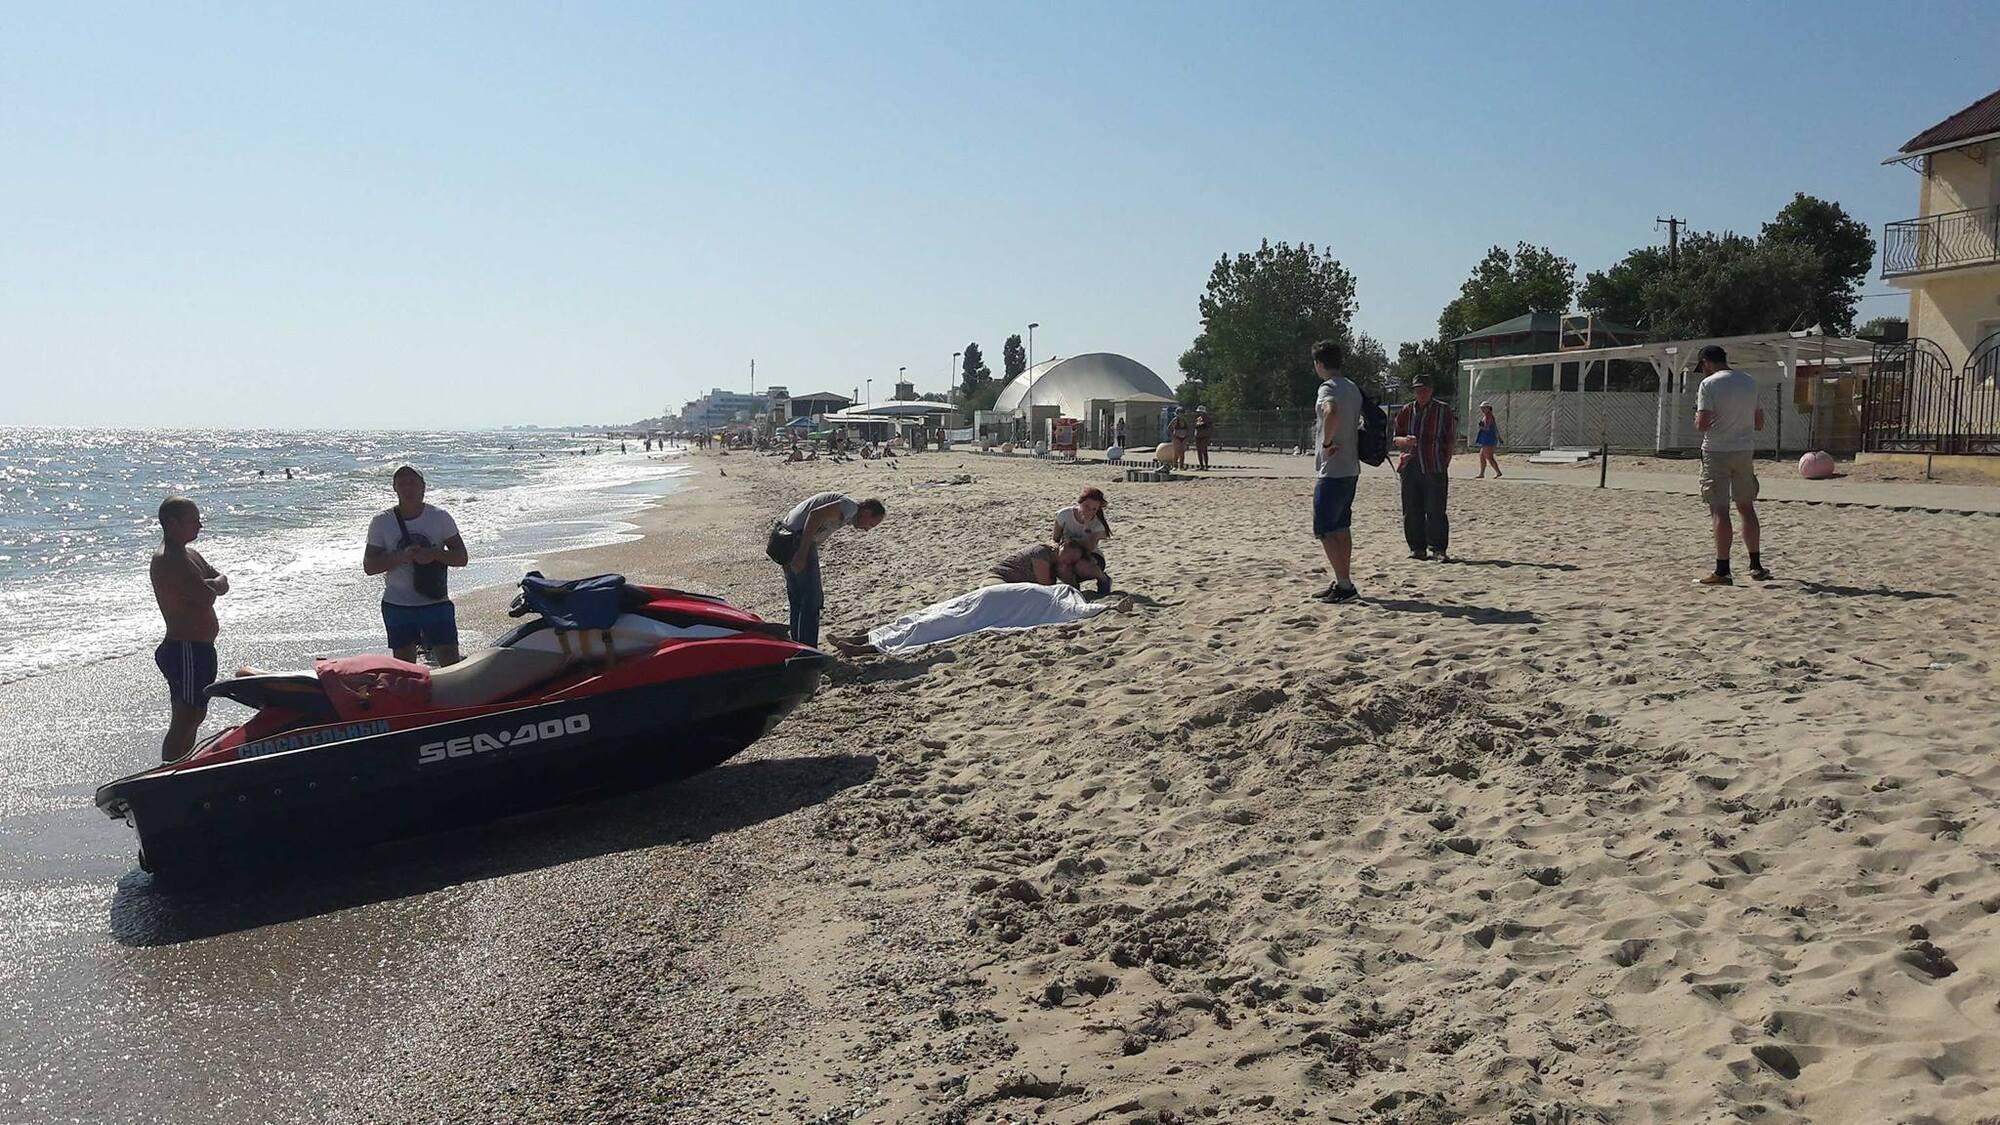 Трагедія на популярному курорті: на Одещині потонула людина